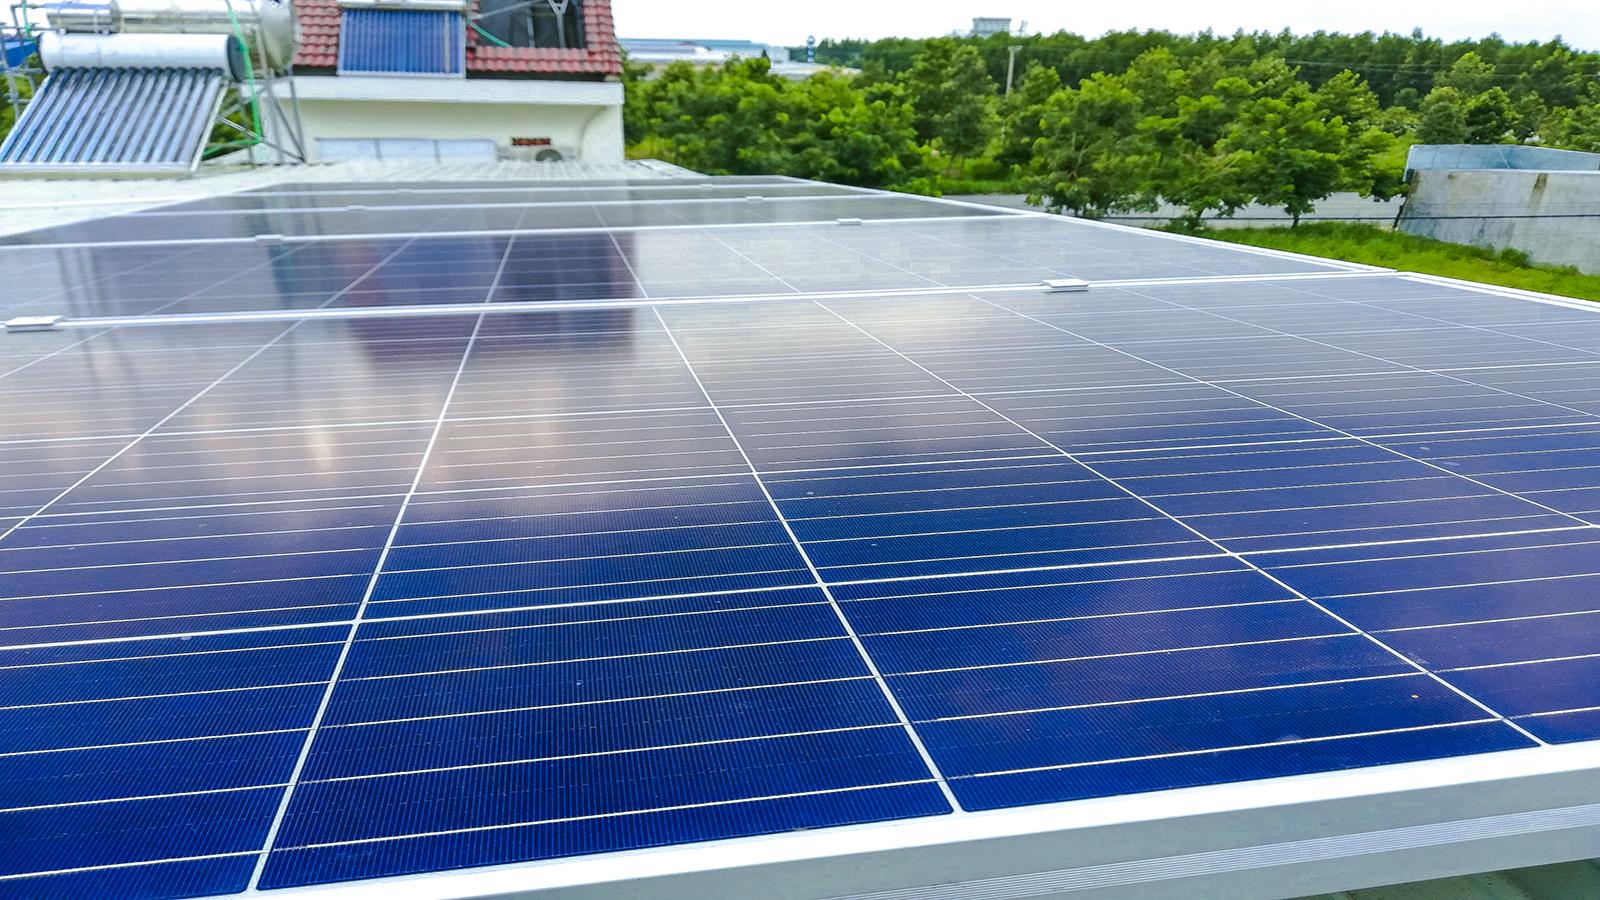 VES lắp điện năng lượng mặt trời tại Bình Dương